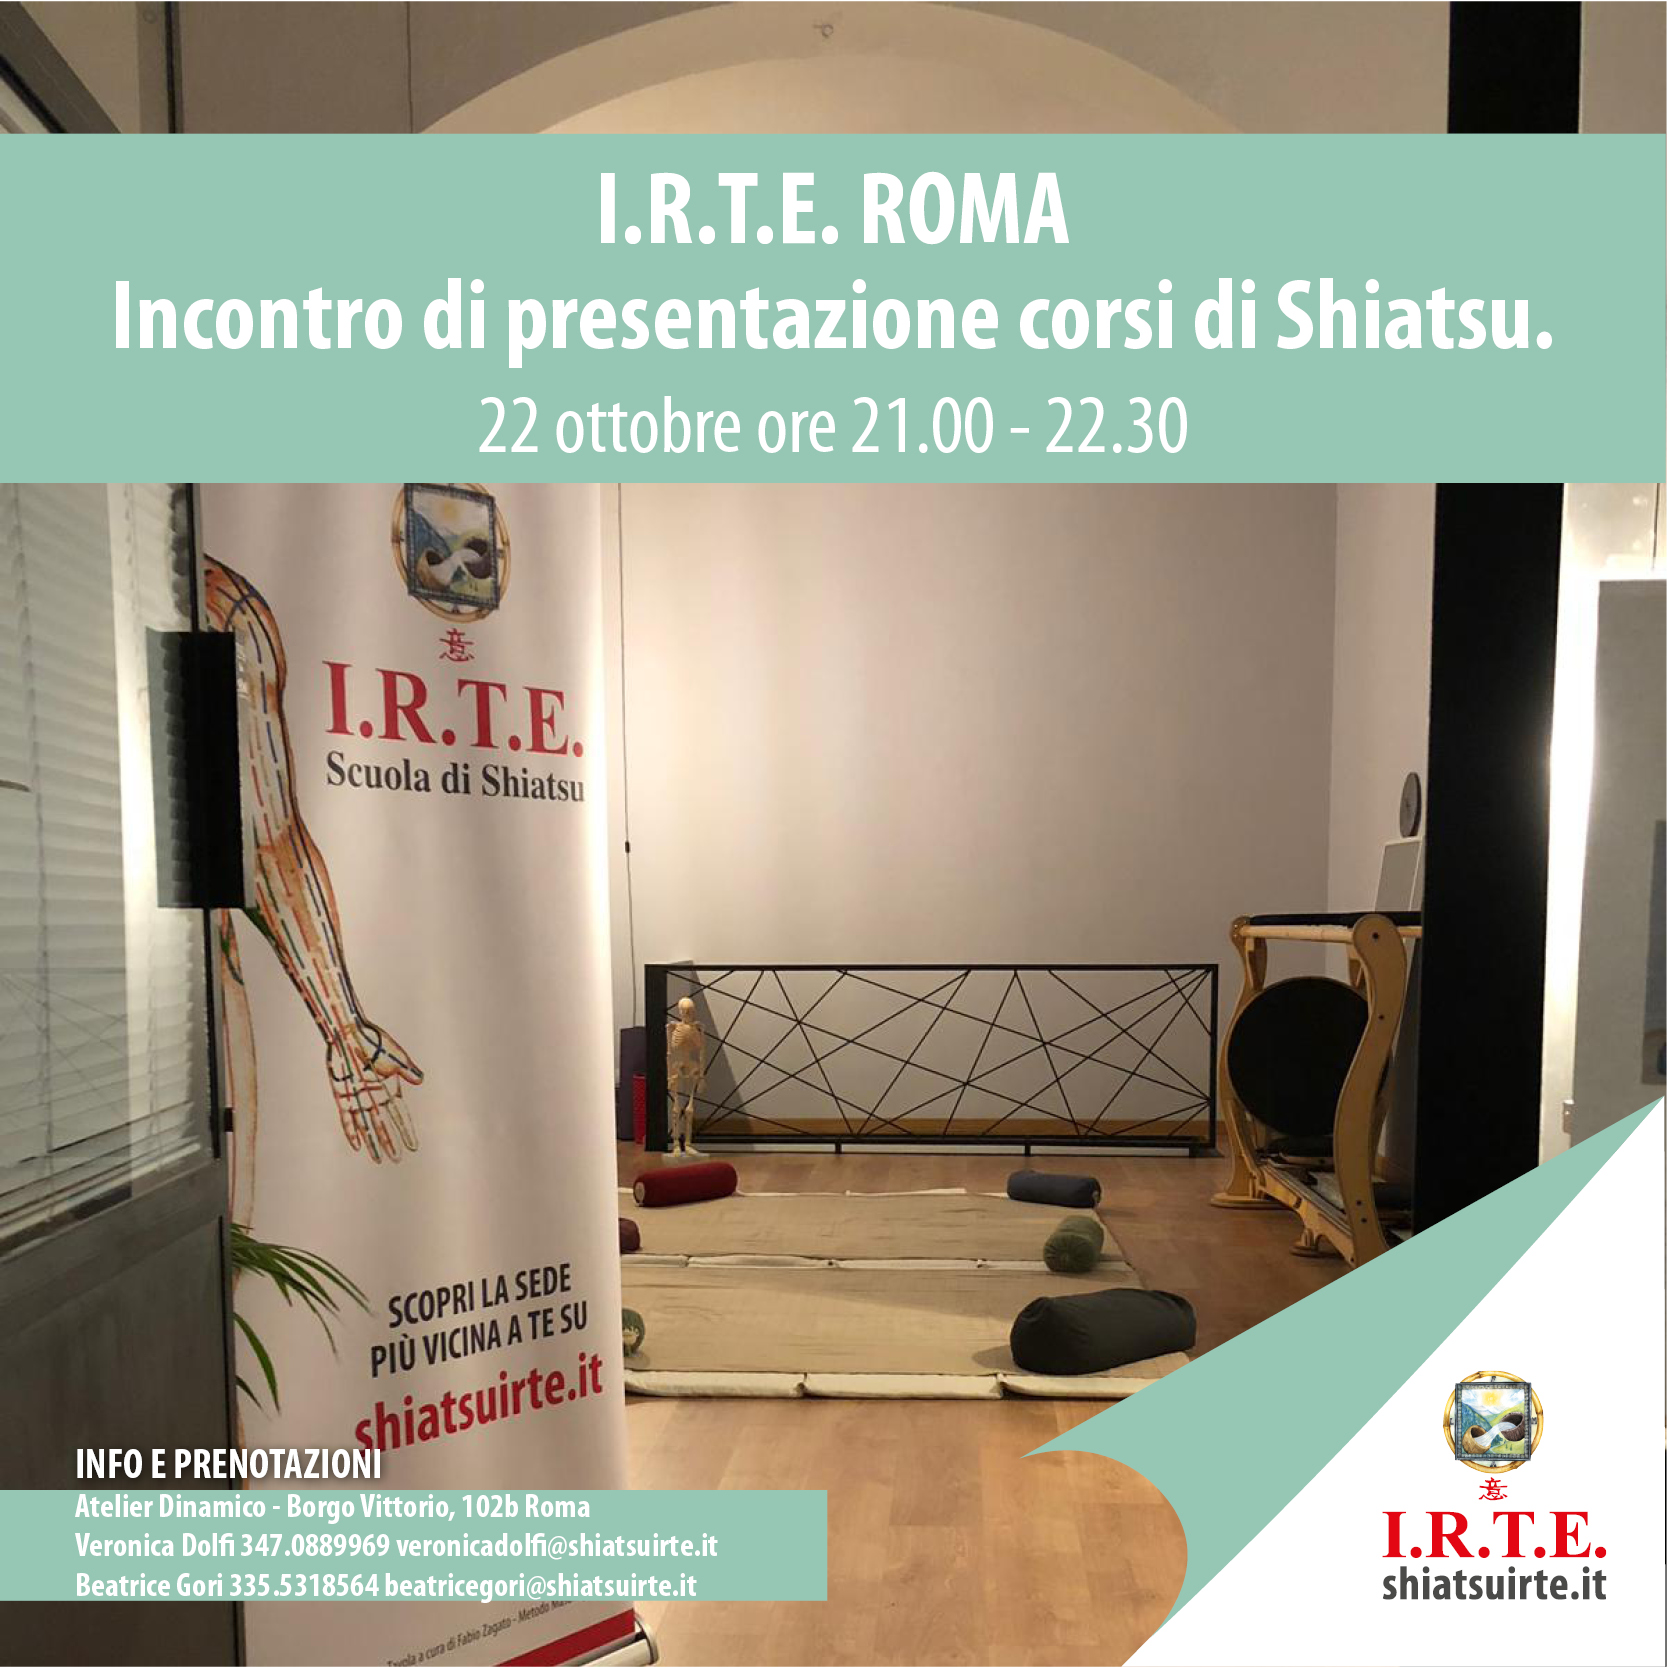 Shiatsu, presentazione corsi a Roma.